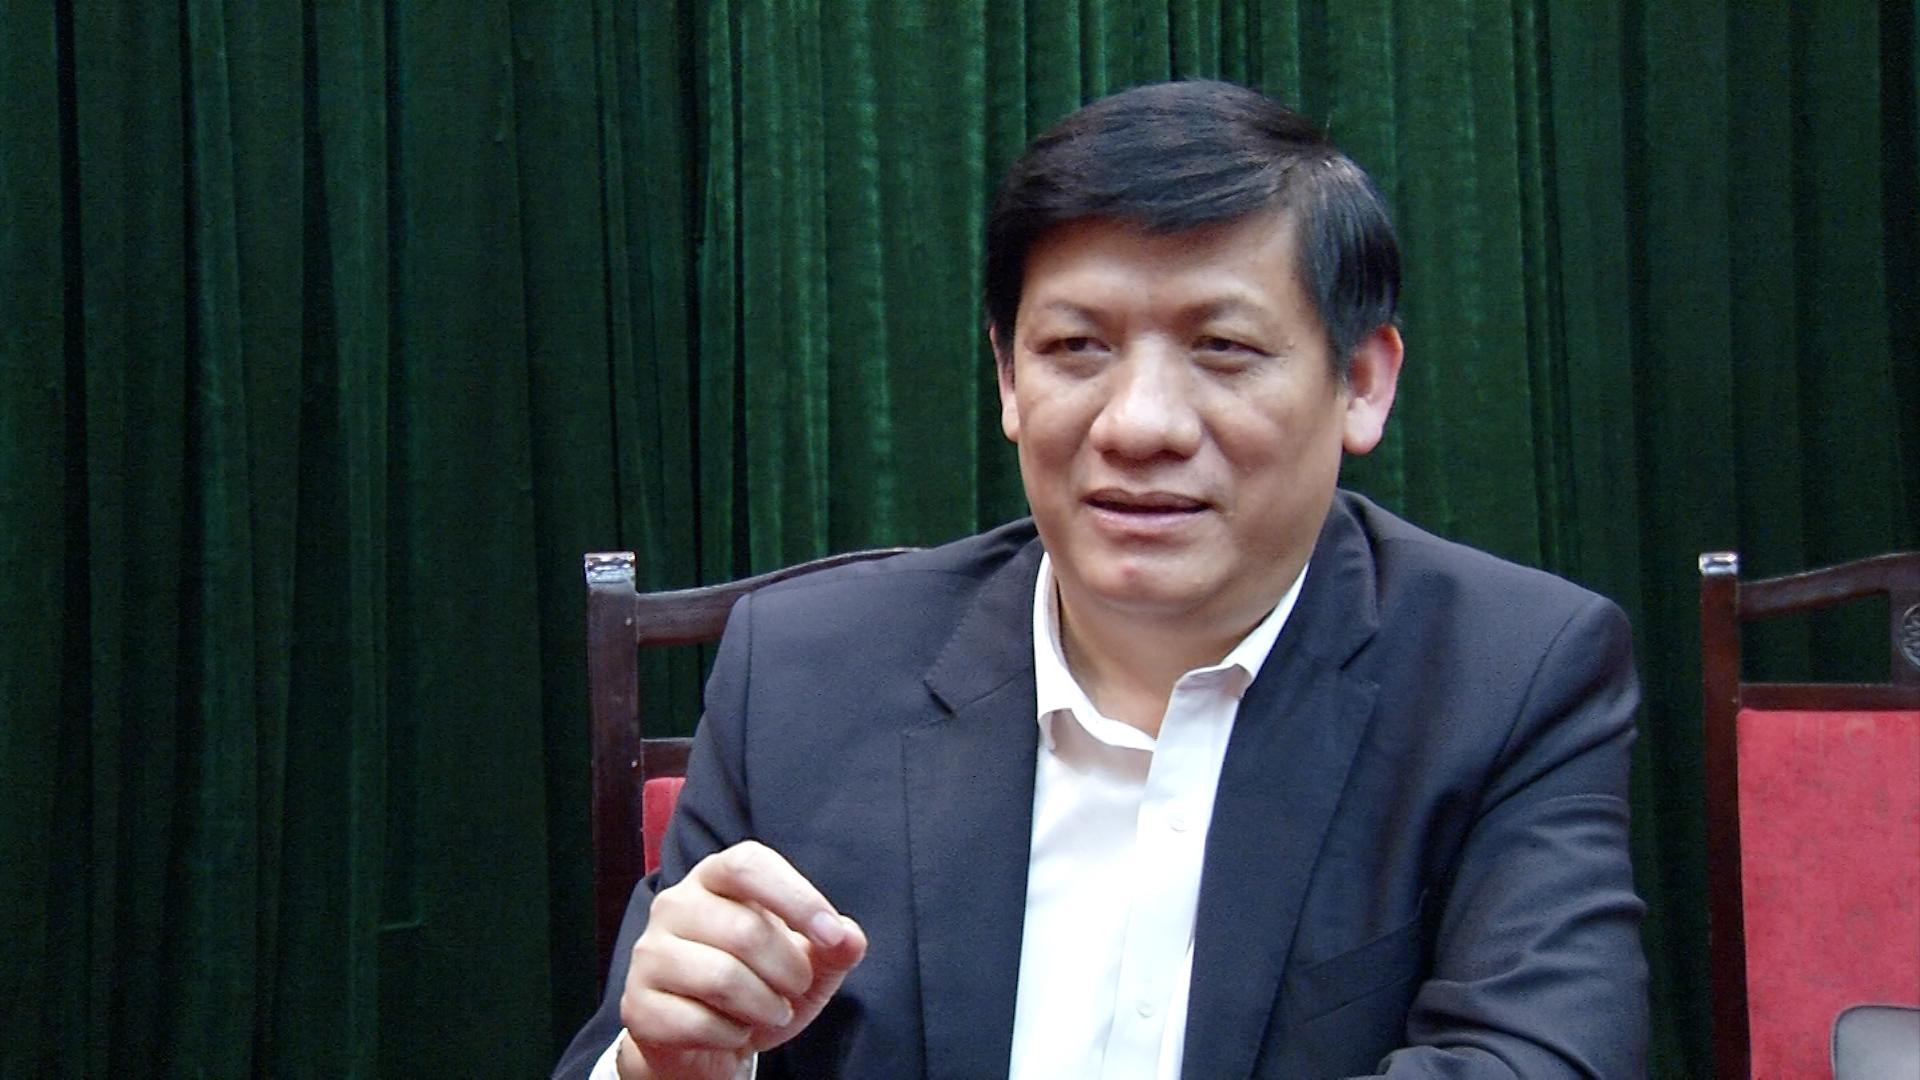 """Thứ trưởng Nguyễn Thanh Long: """"Mong người dân hợp tác để ngăn chặn dịch sớm nhất'"""